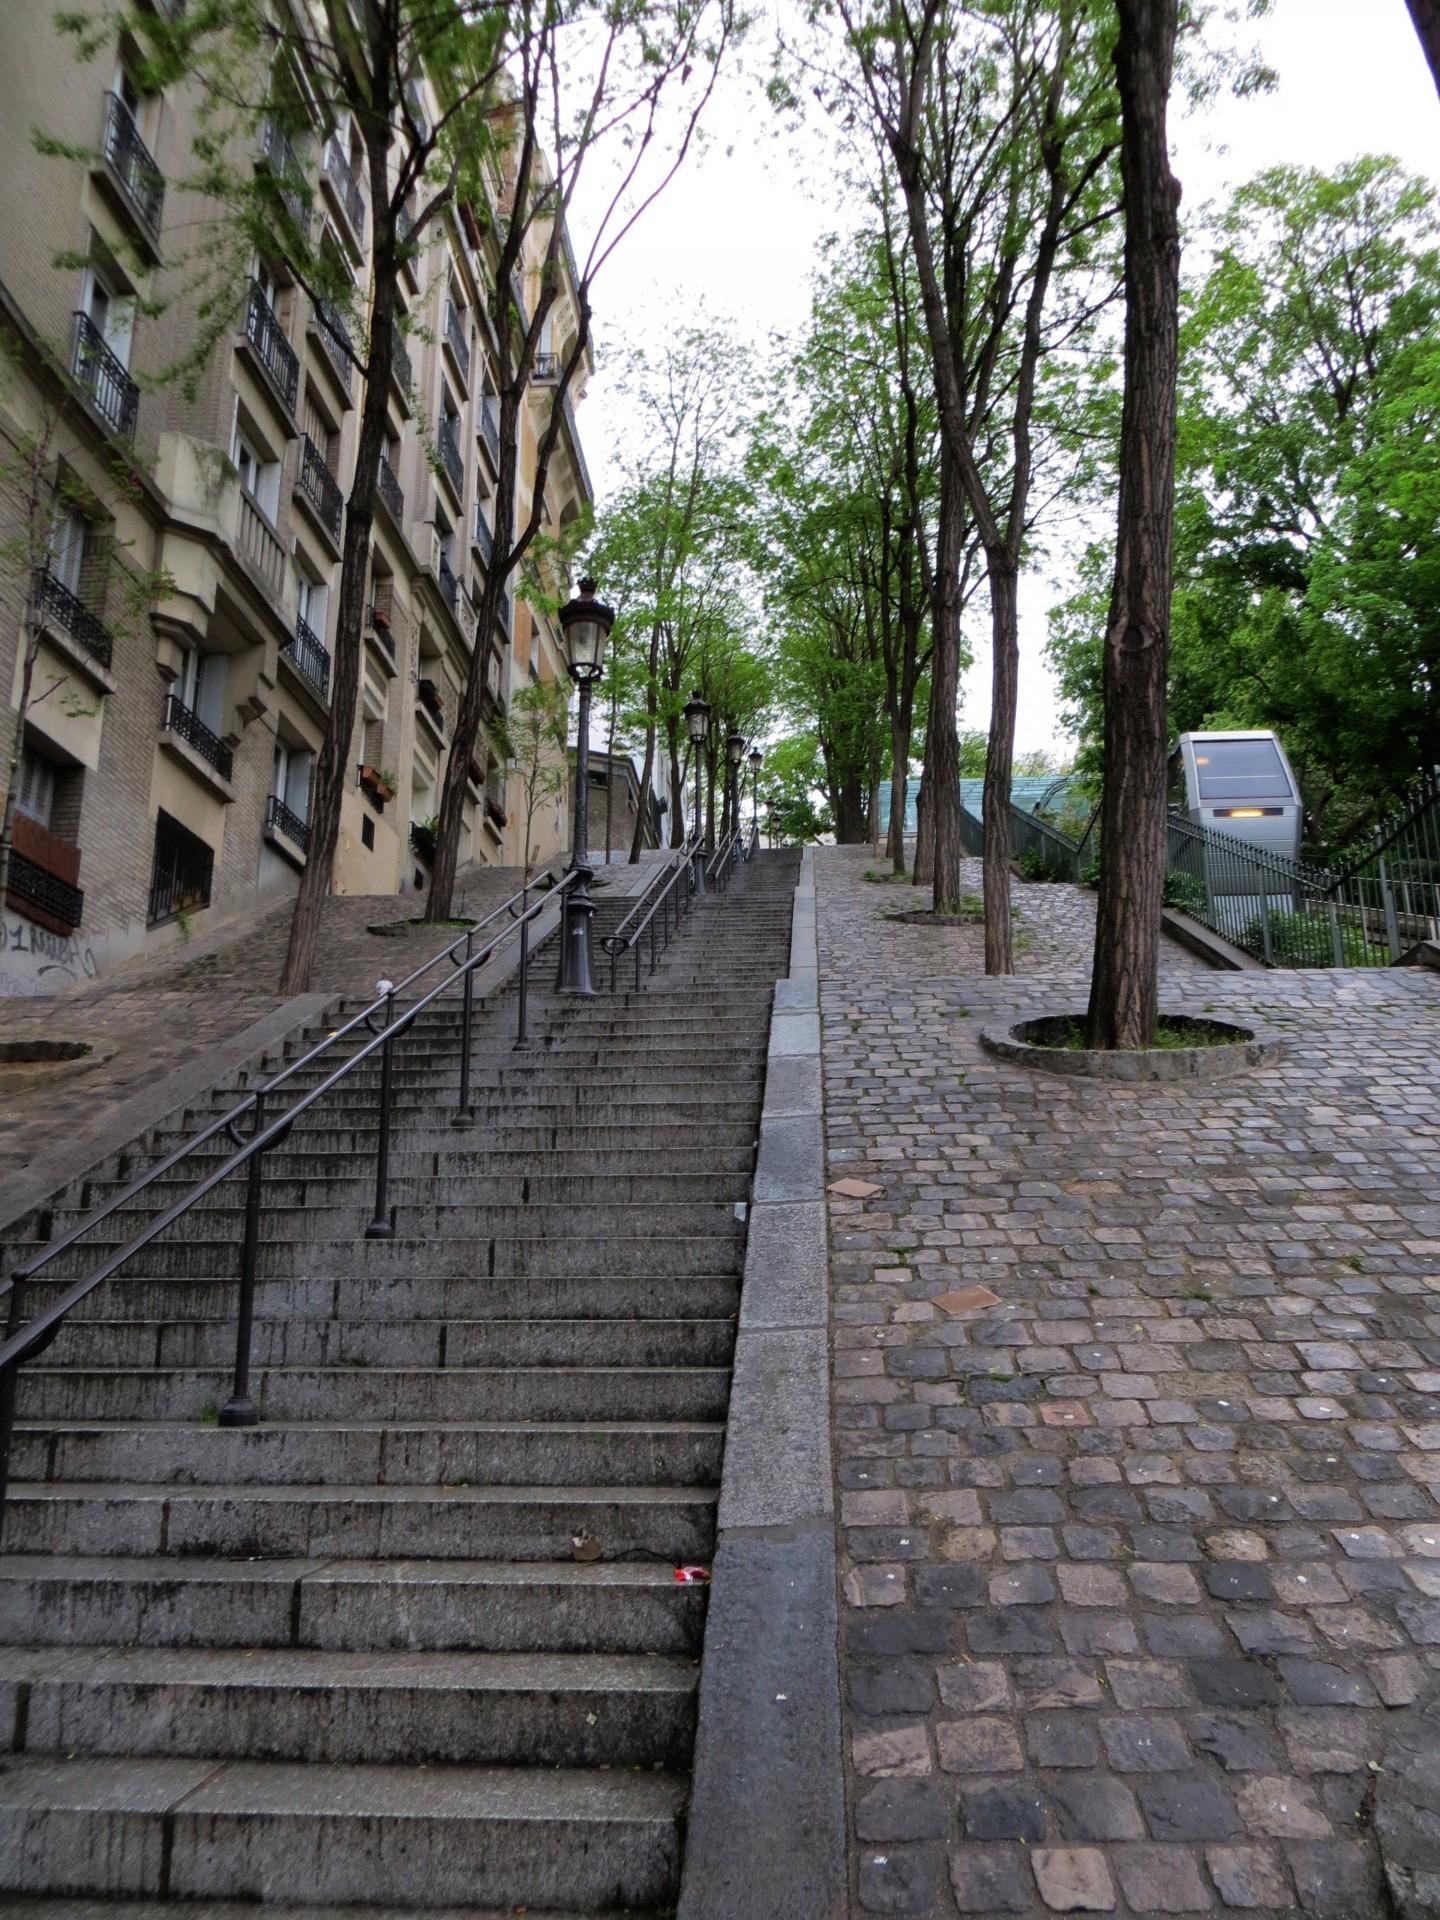 images gratuites trottoir pav ville paris urbain mur escalier pas passerelle france. Black Bedroom Furniture Sets. Home Design Ideas